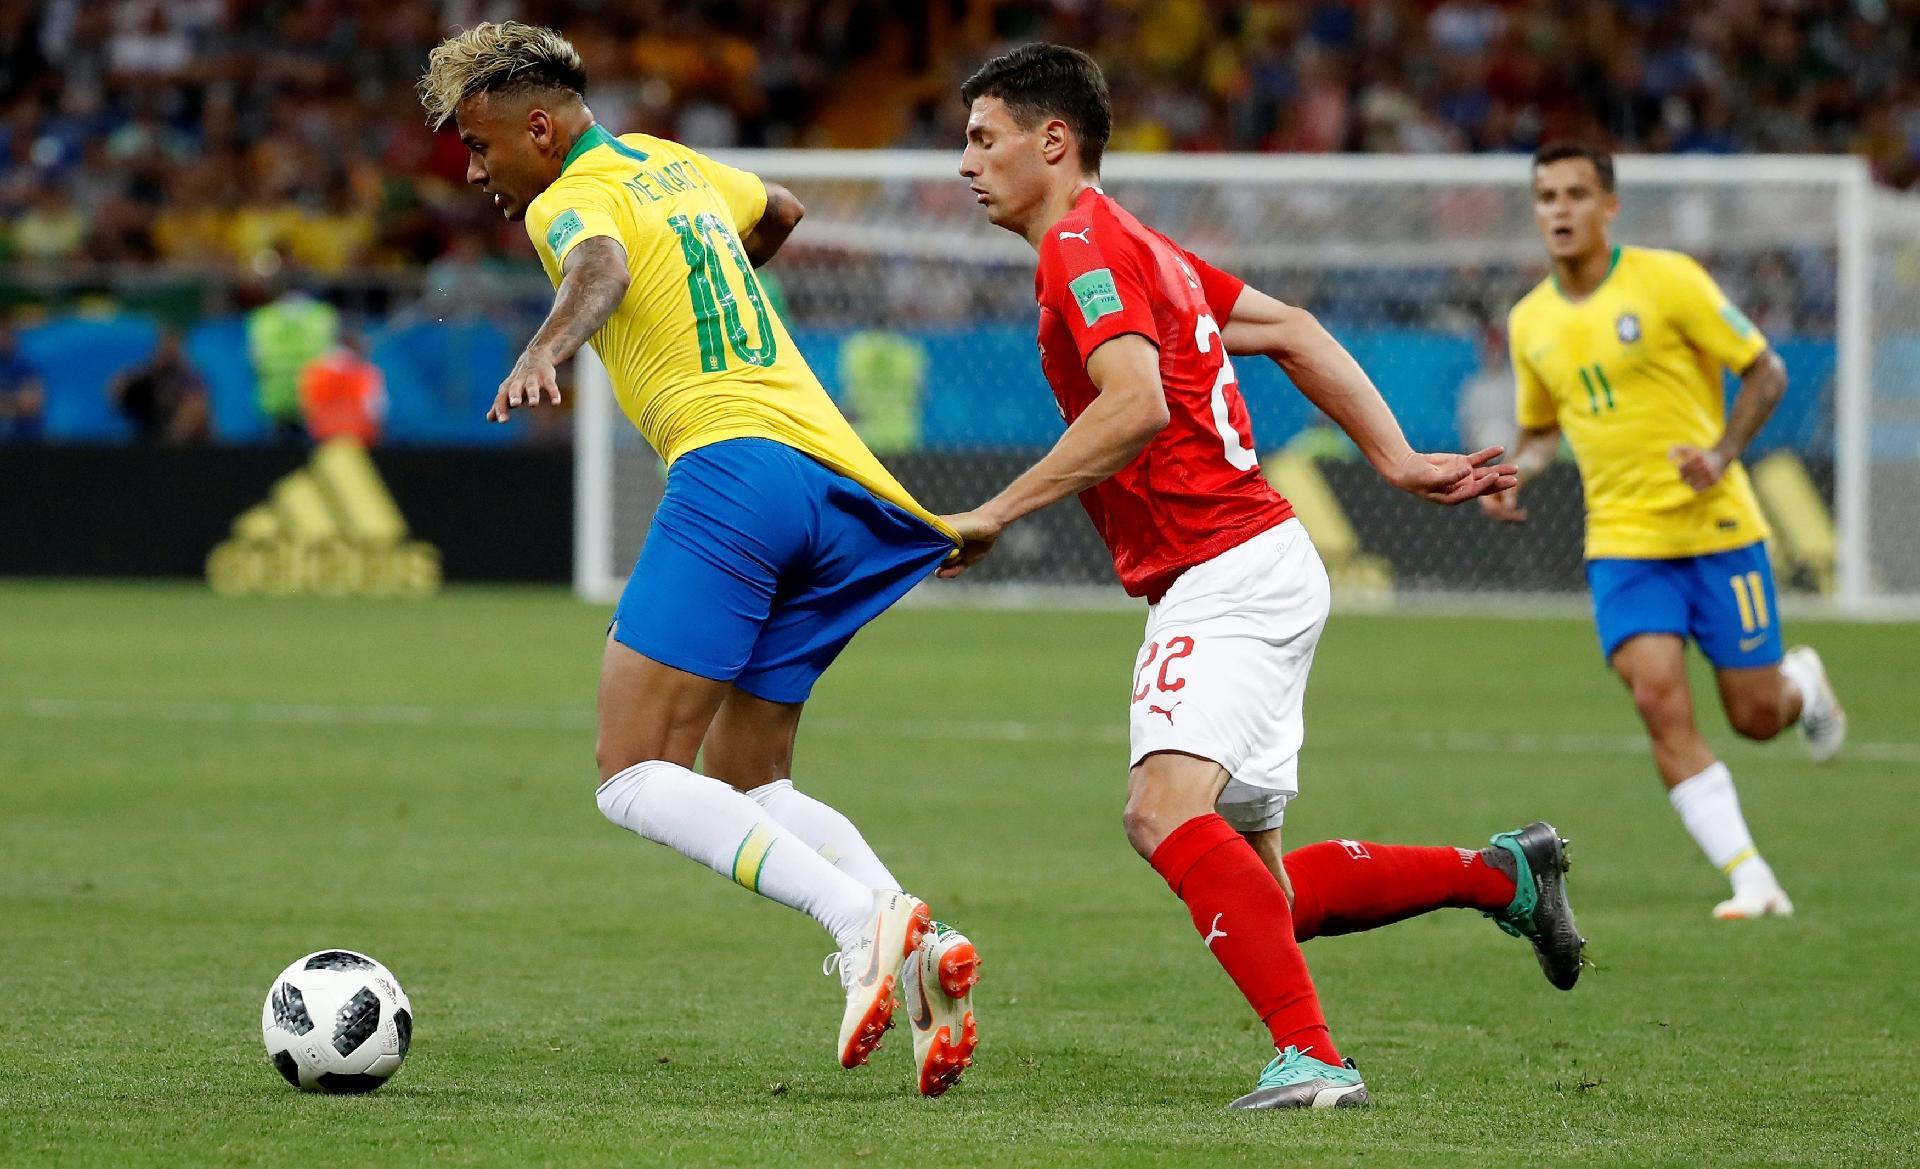 Suíça na Copa 2018  Suíço que postou imagem puxando Neymar rebate críticas  sobre  jogo sujo  - UOL Copa do Mundo 2018 1617908f1ae18